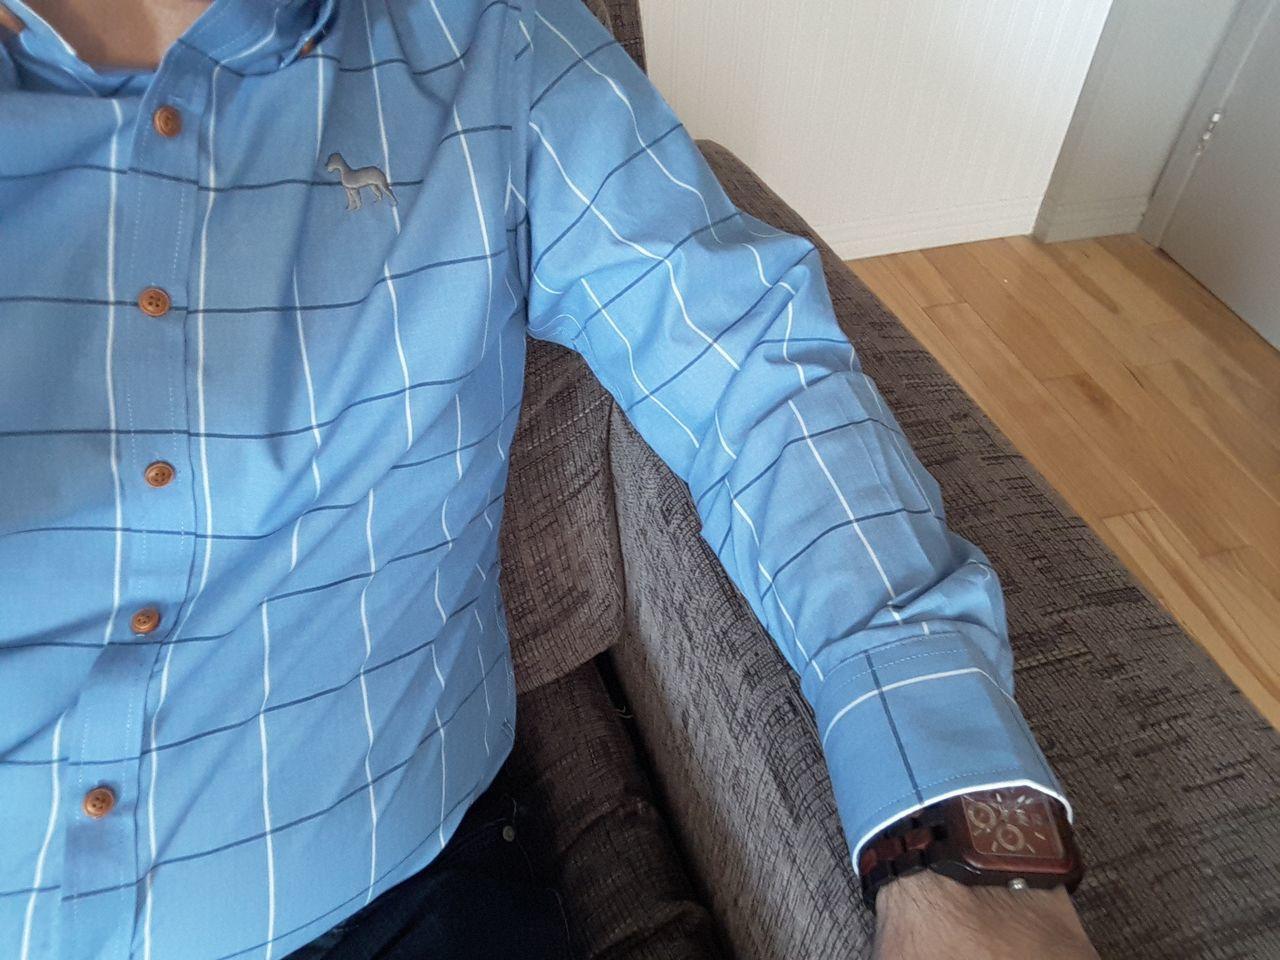 Philippe Watson dress. PhilippeWatson Dress Clothing Fashion Blue